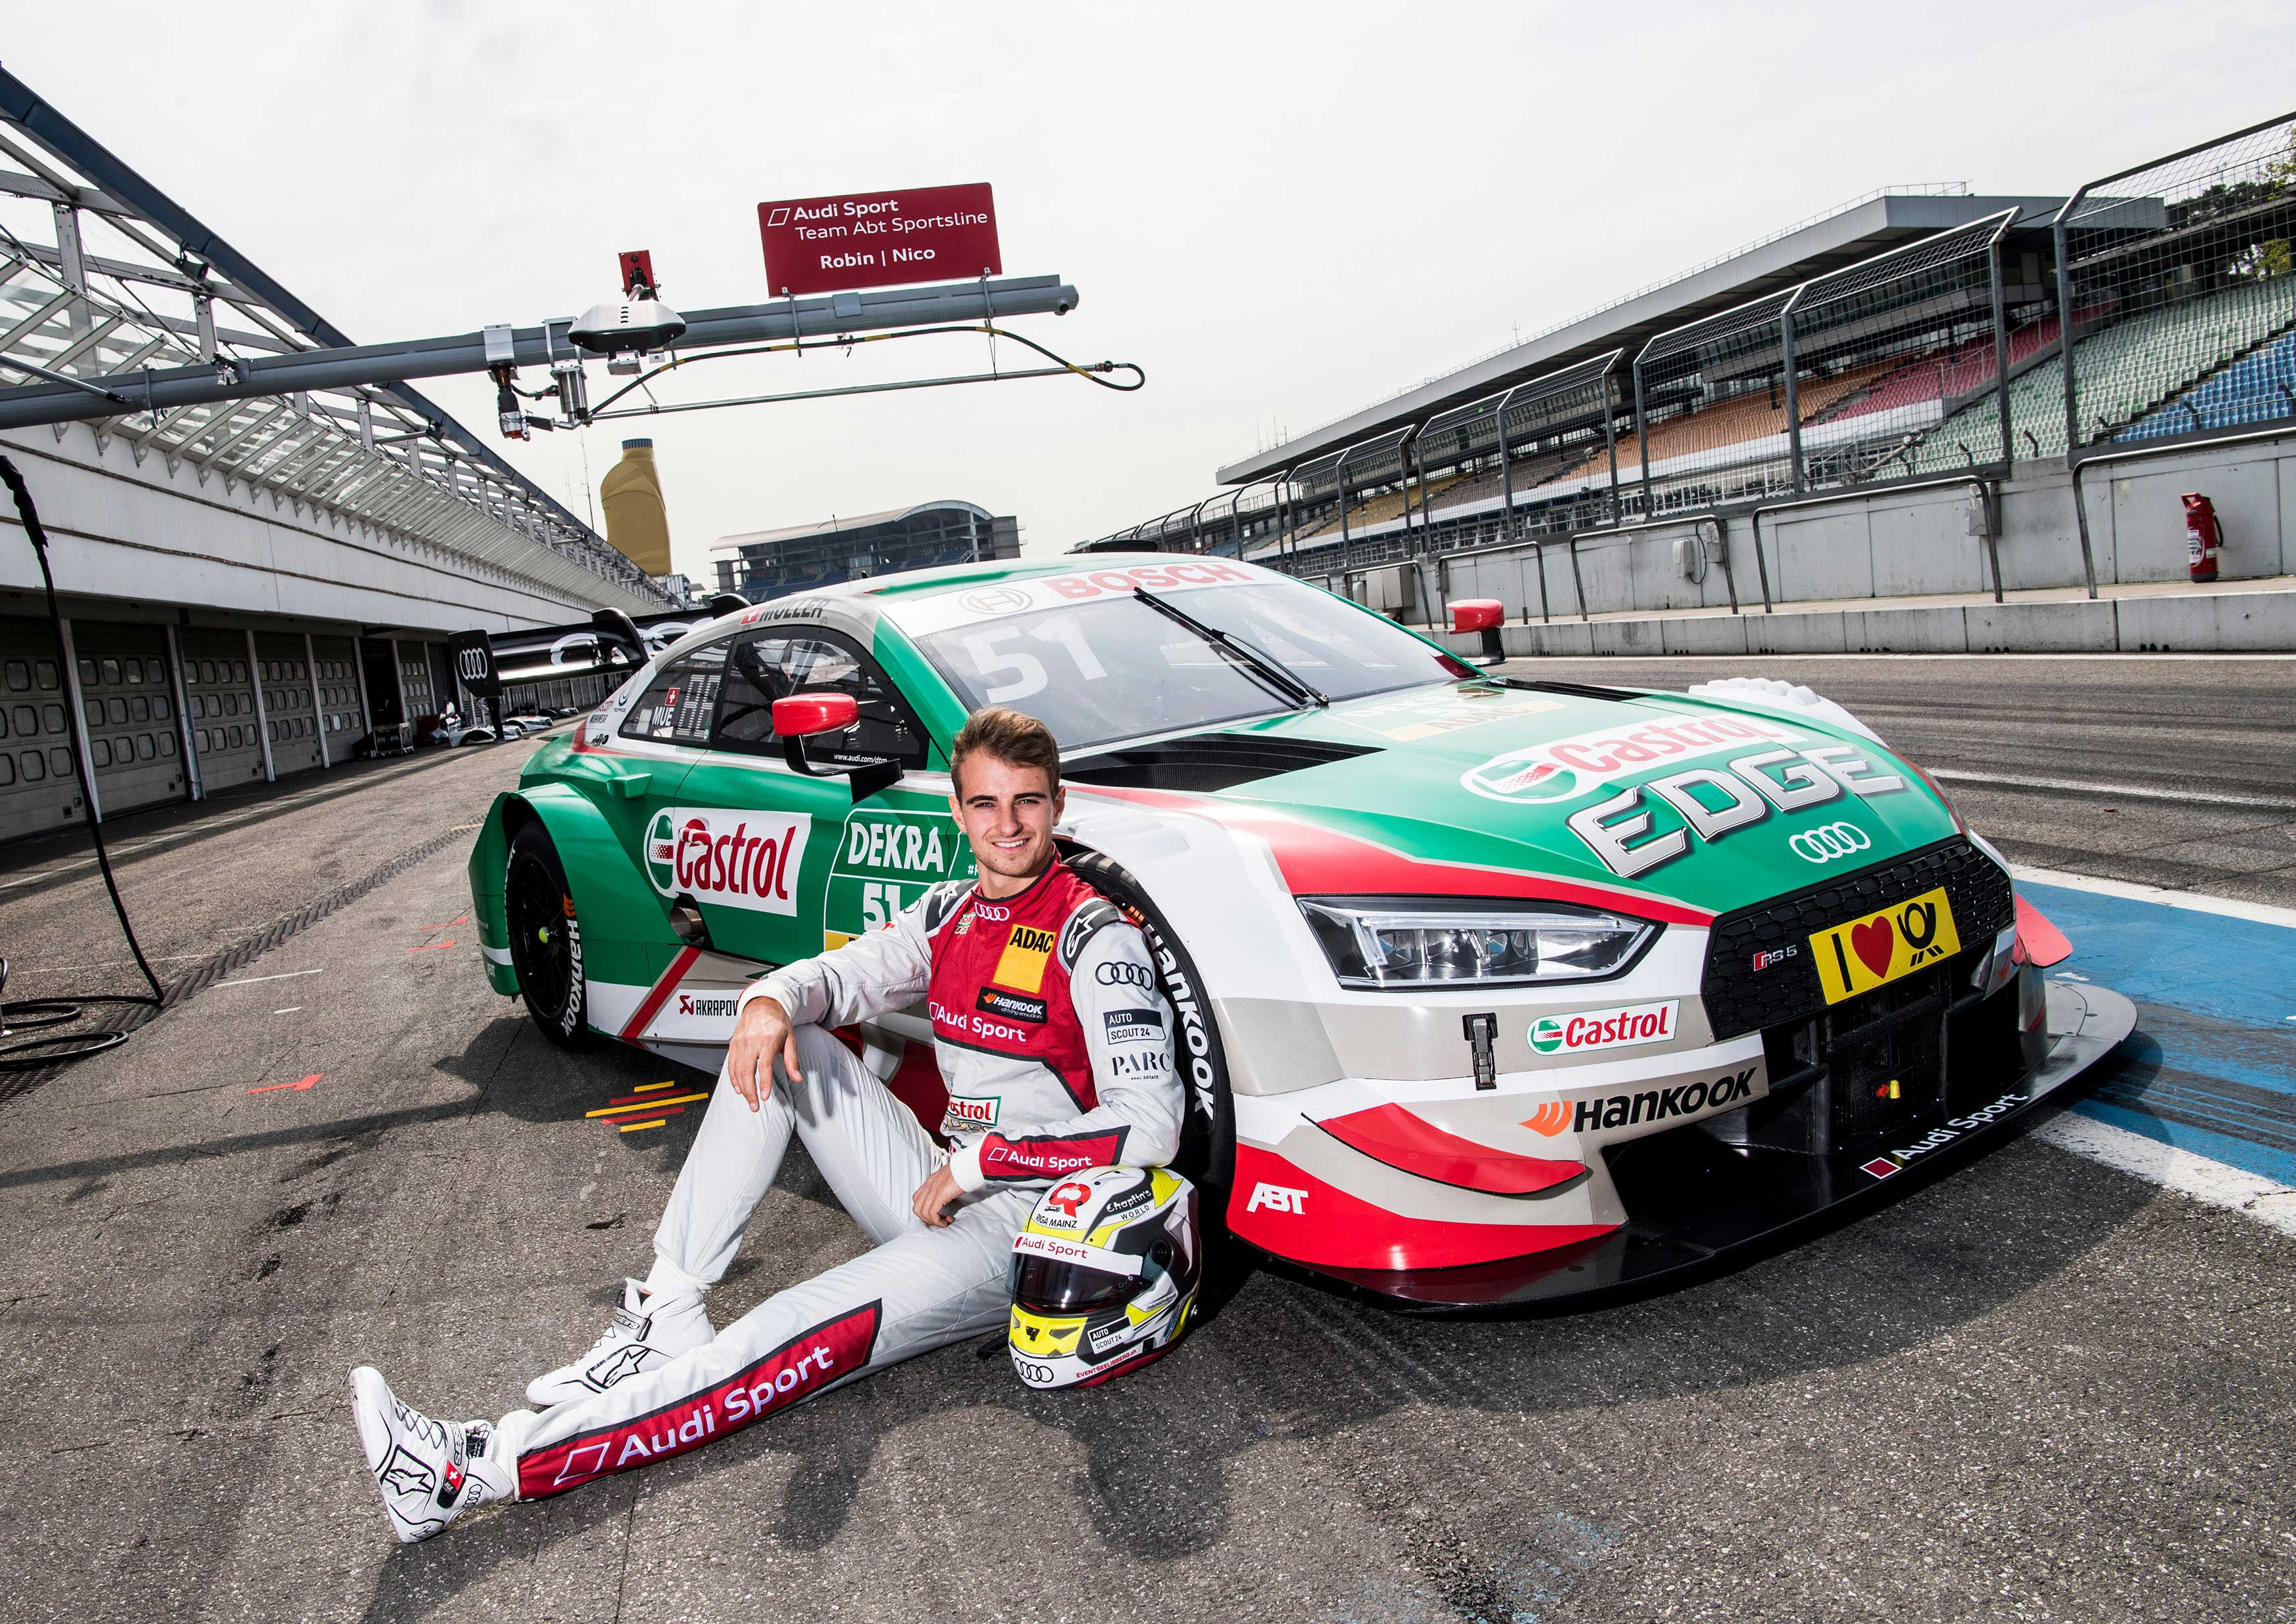 Nico-Mu-ller-u-ber-sein-Motorsportjahr-Ich-bin-glu-cklich-auch-wenn-ich-keine-Millionen-verdiene-wie-Hamilton-